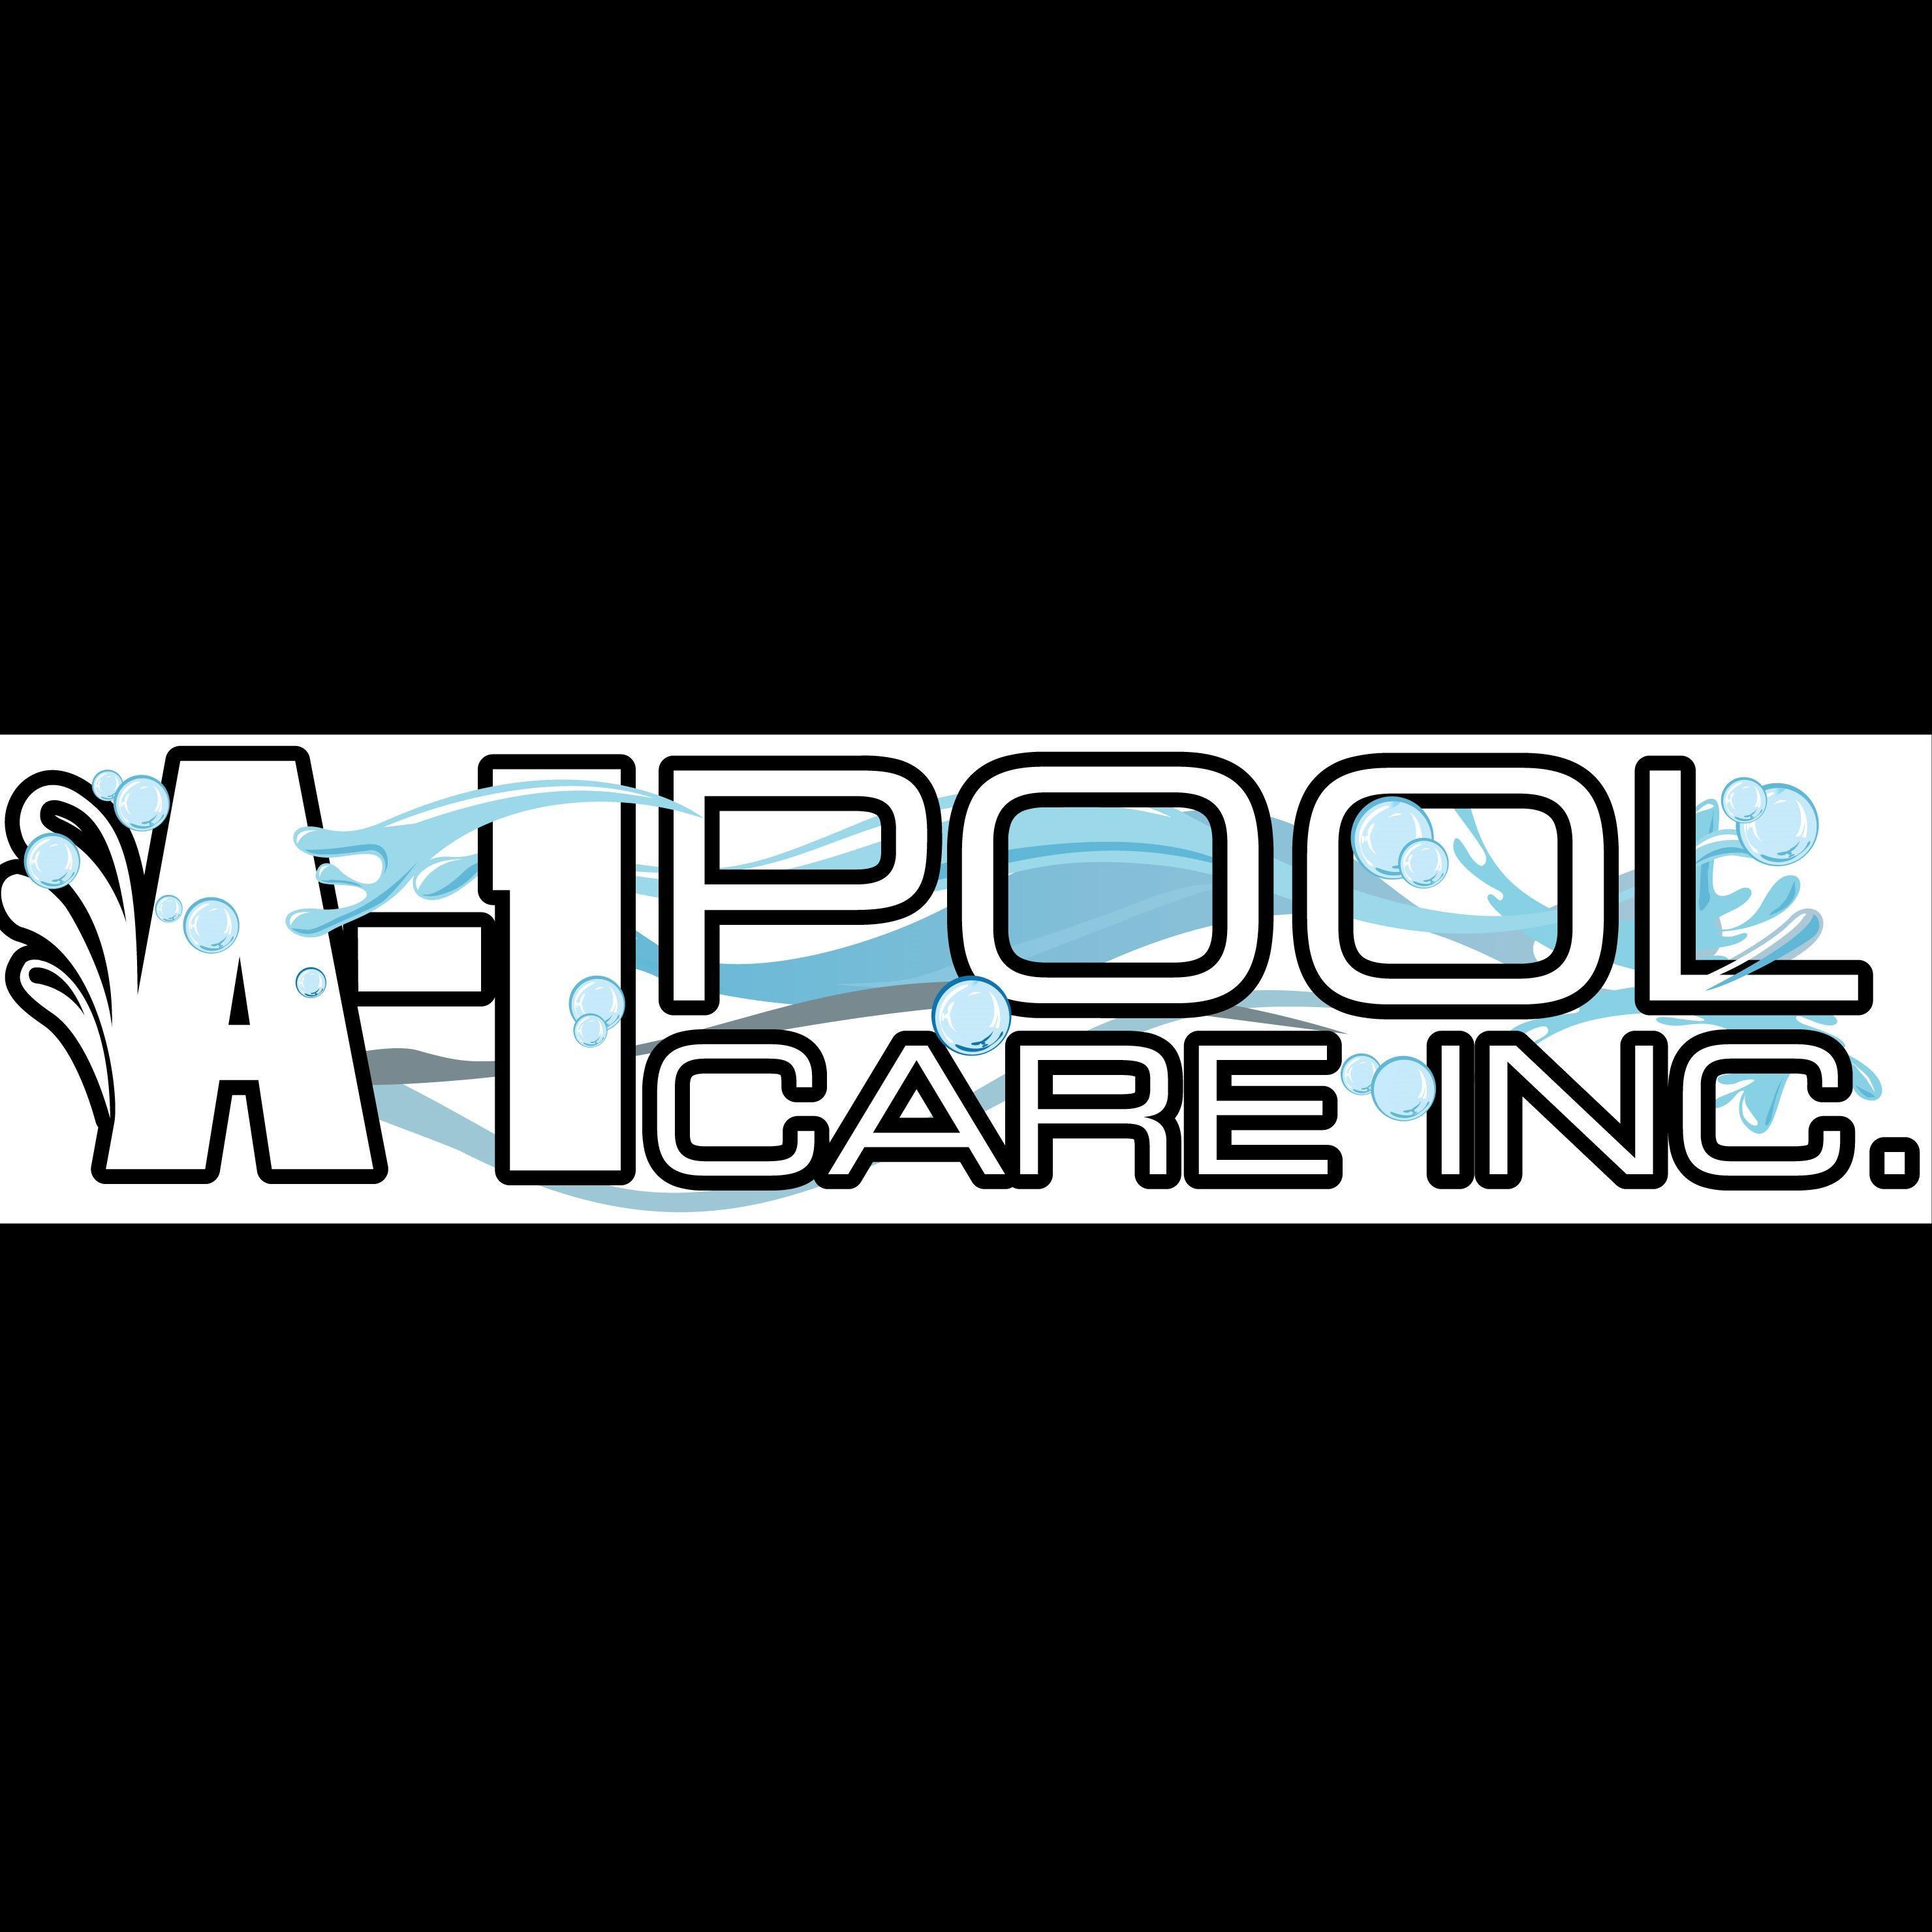 A-1 Pool Care Inc. image 0